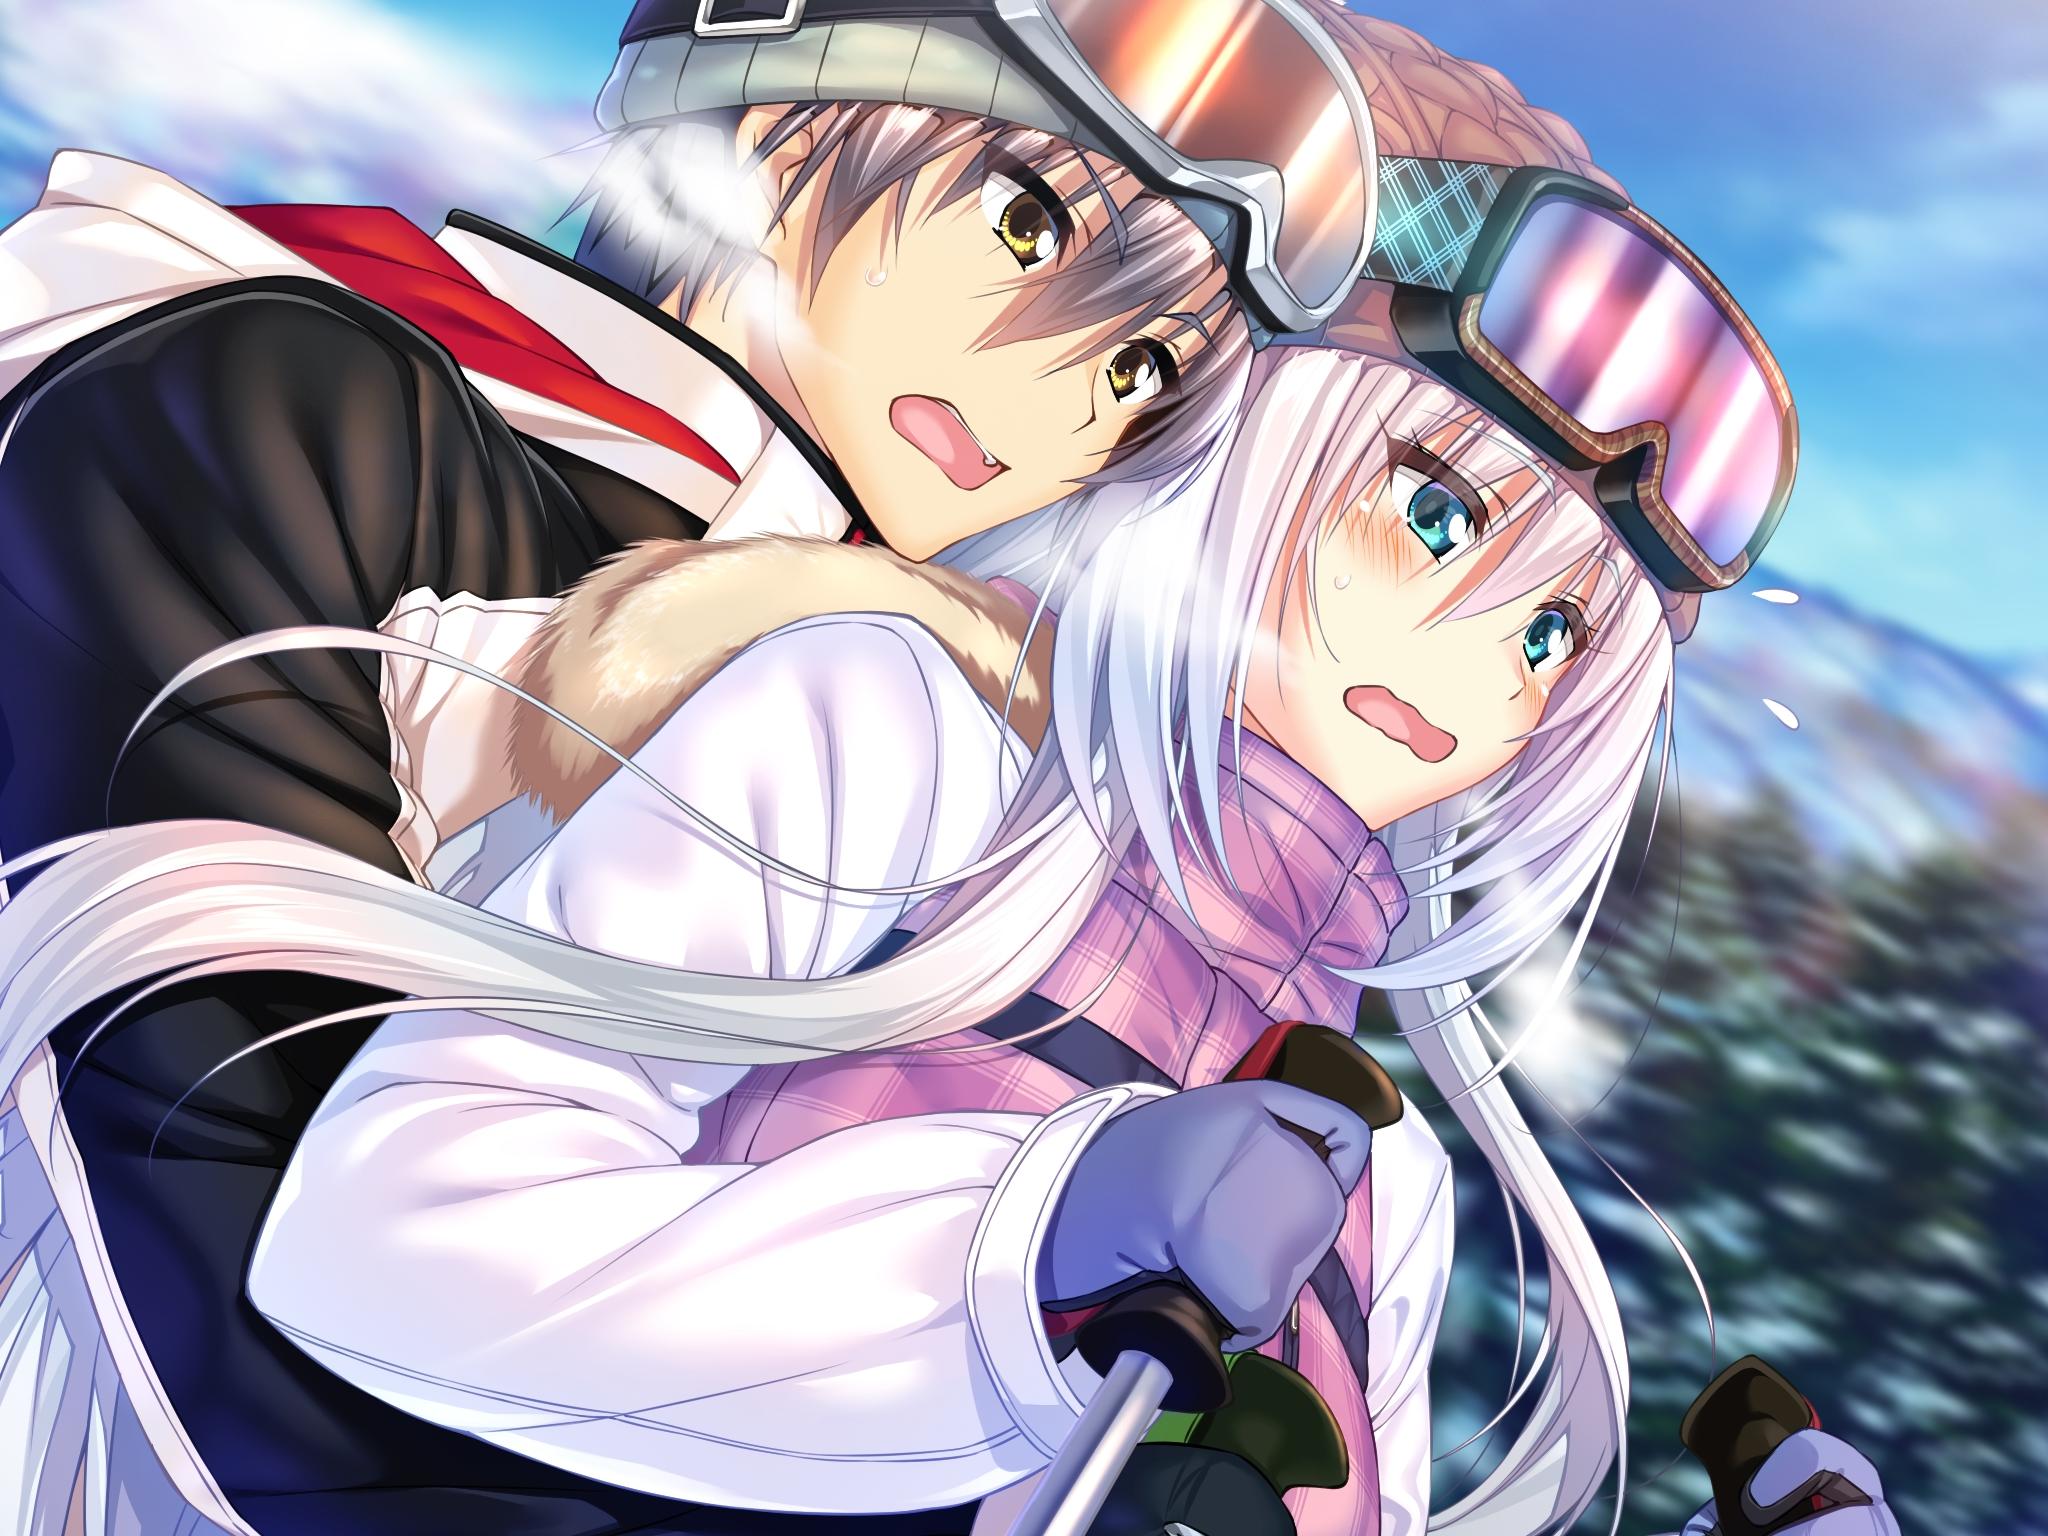 Pin de Pinkakao s2 em Anime / Mangá Couples em 2020